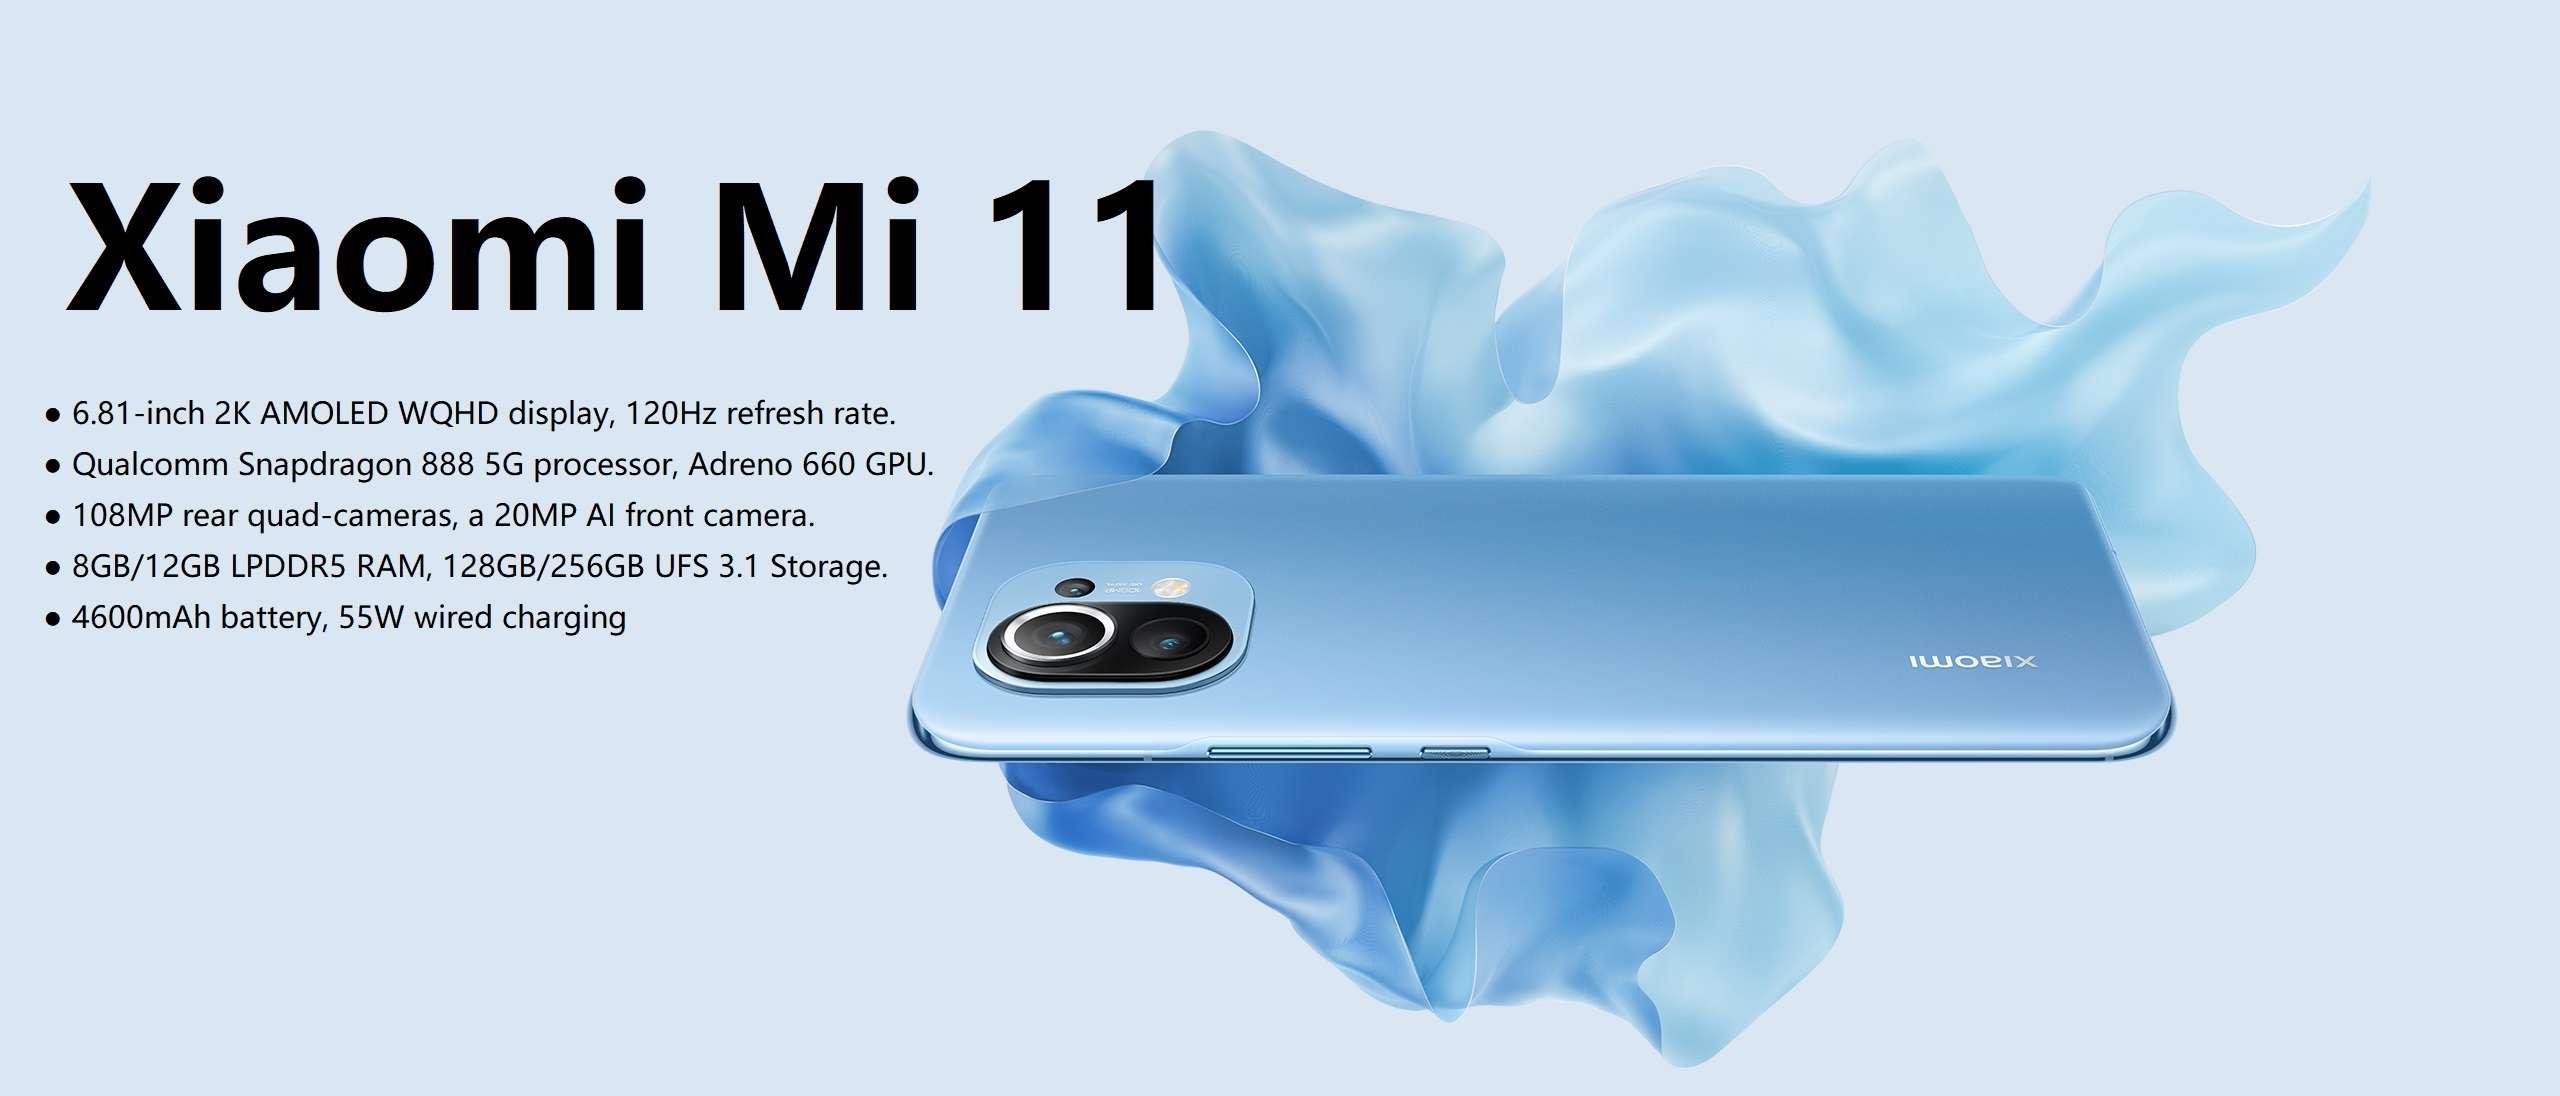 Xiaomi-Mi-11-01.jpg